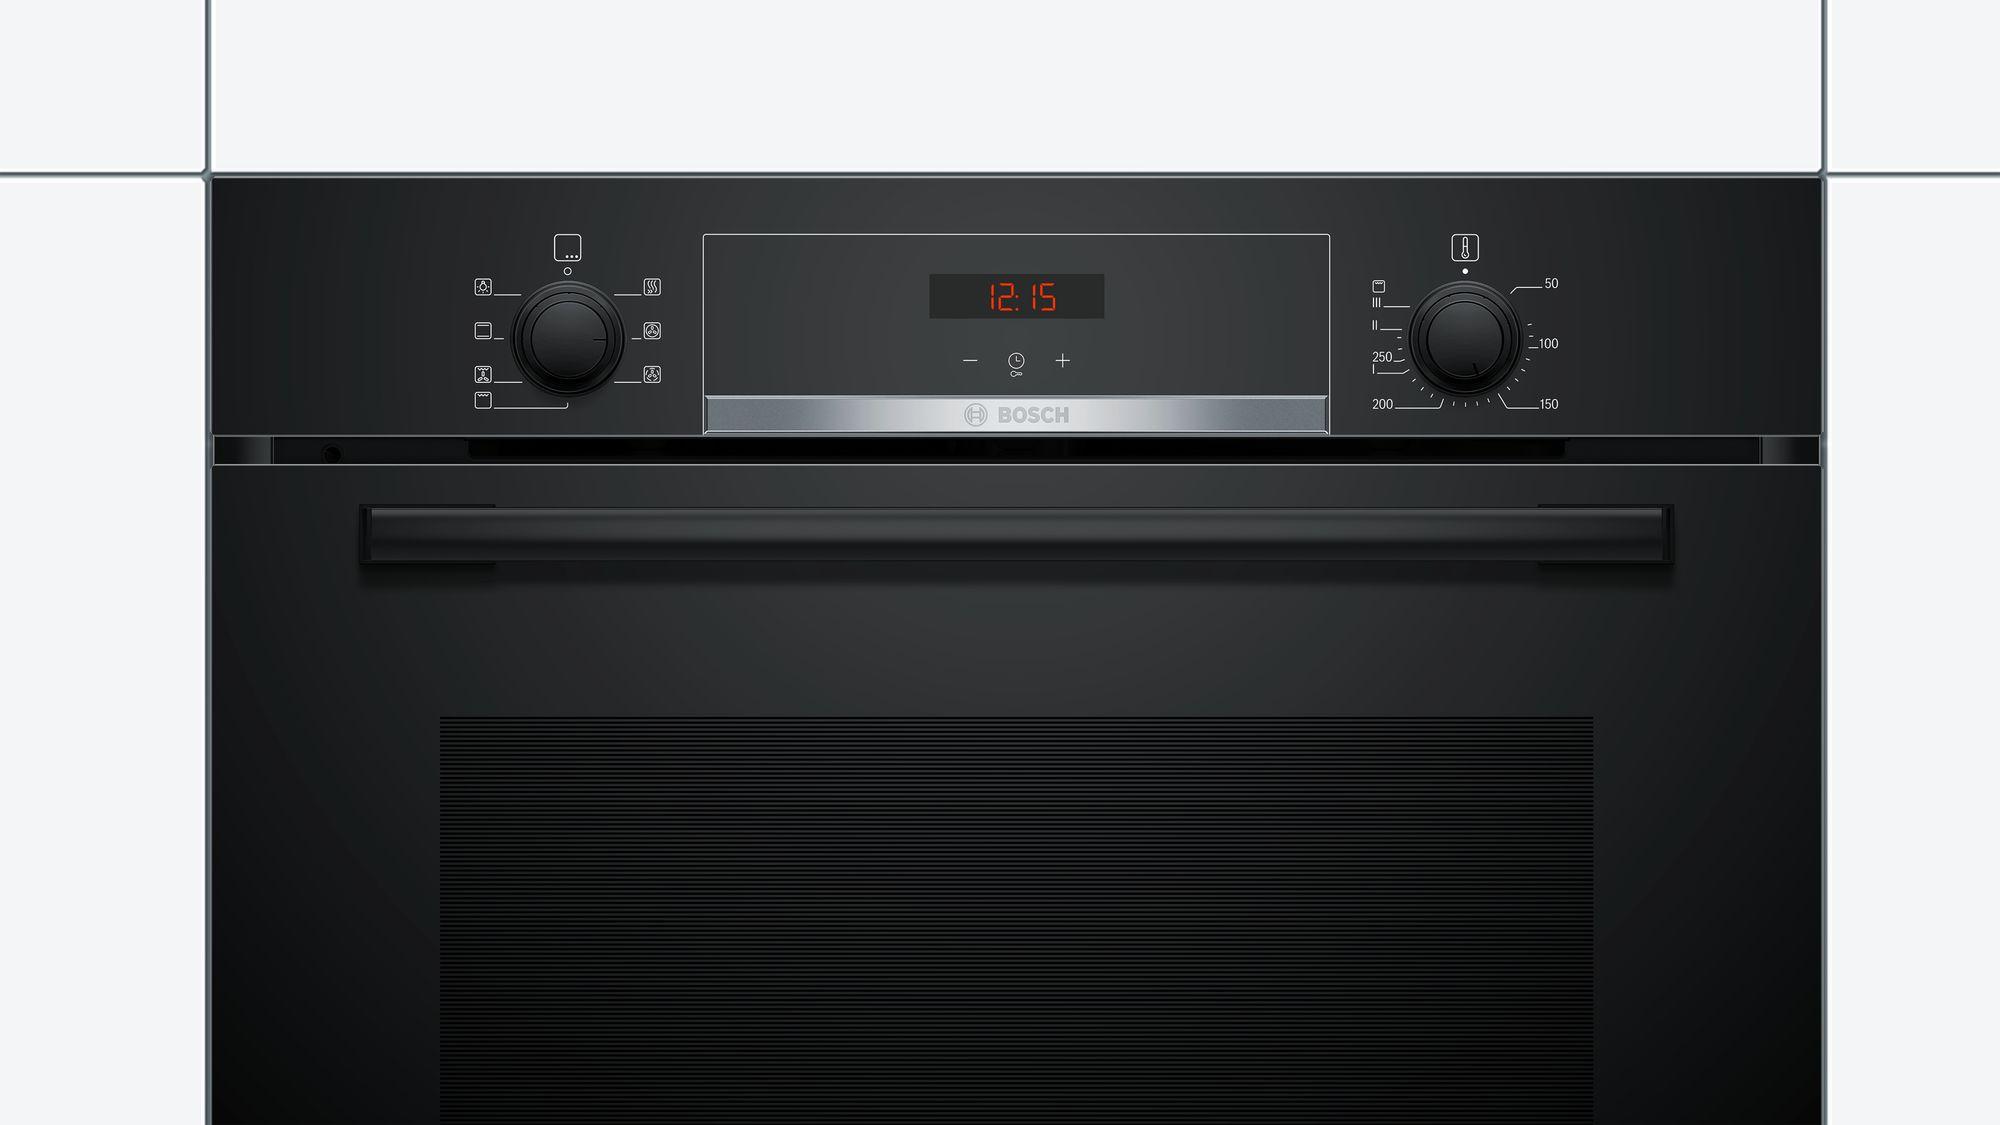 Bosch Backofen Uhr Einstellen Serie 8